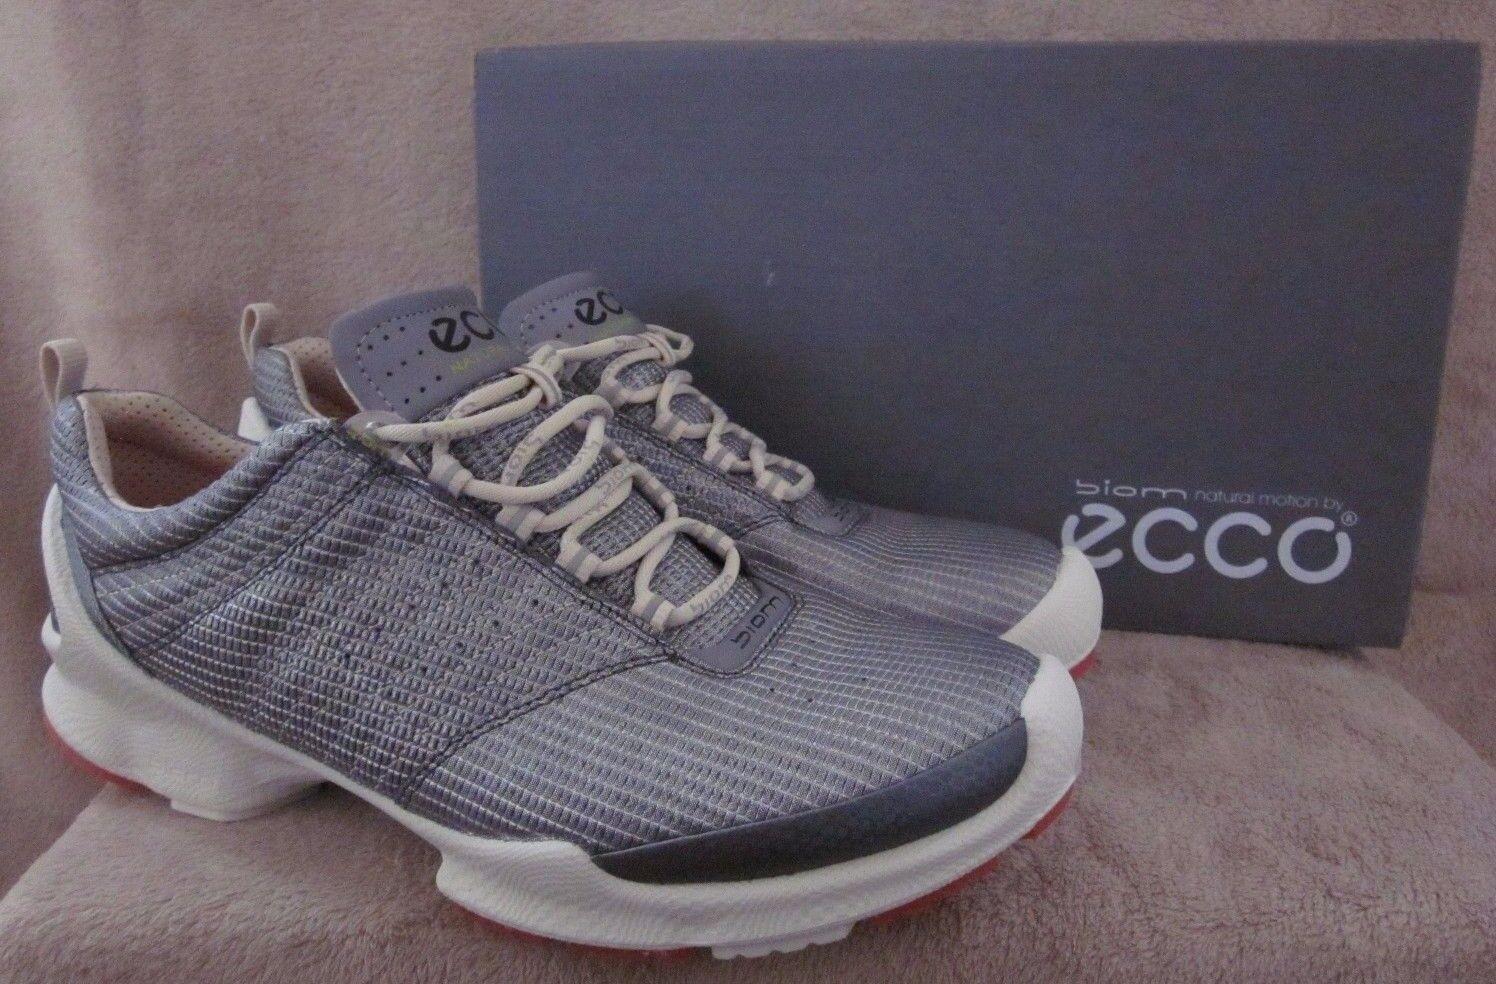 Ecco Biom Train 1.1 1.1 1.1 de encaje Plata Y blancoo Malla Zapatos EE. UU. 10 - 10.5 M EUR 41 Nuevo Con Caja  orden ahora disfrutar de gran descuento